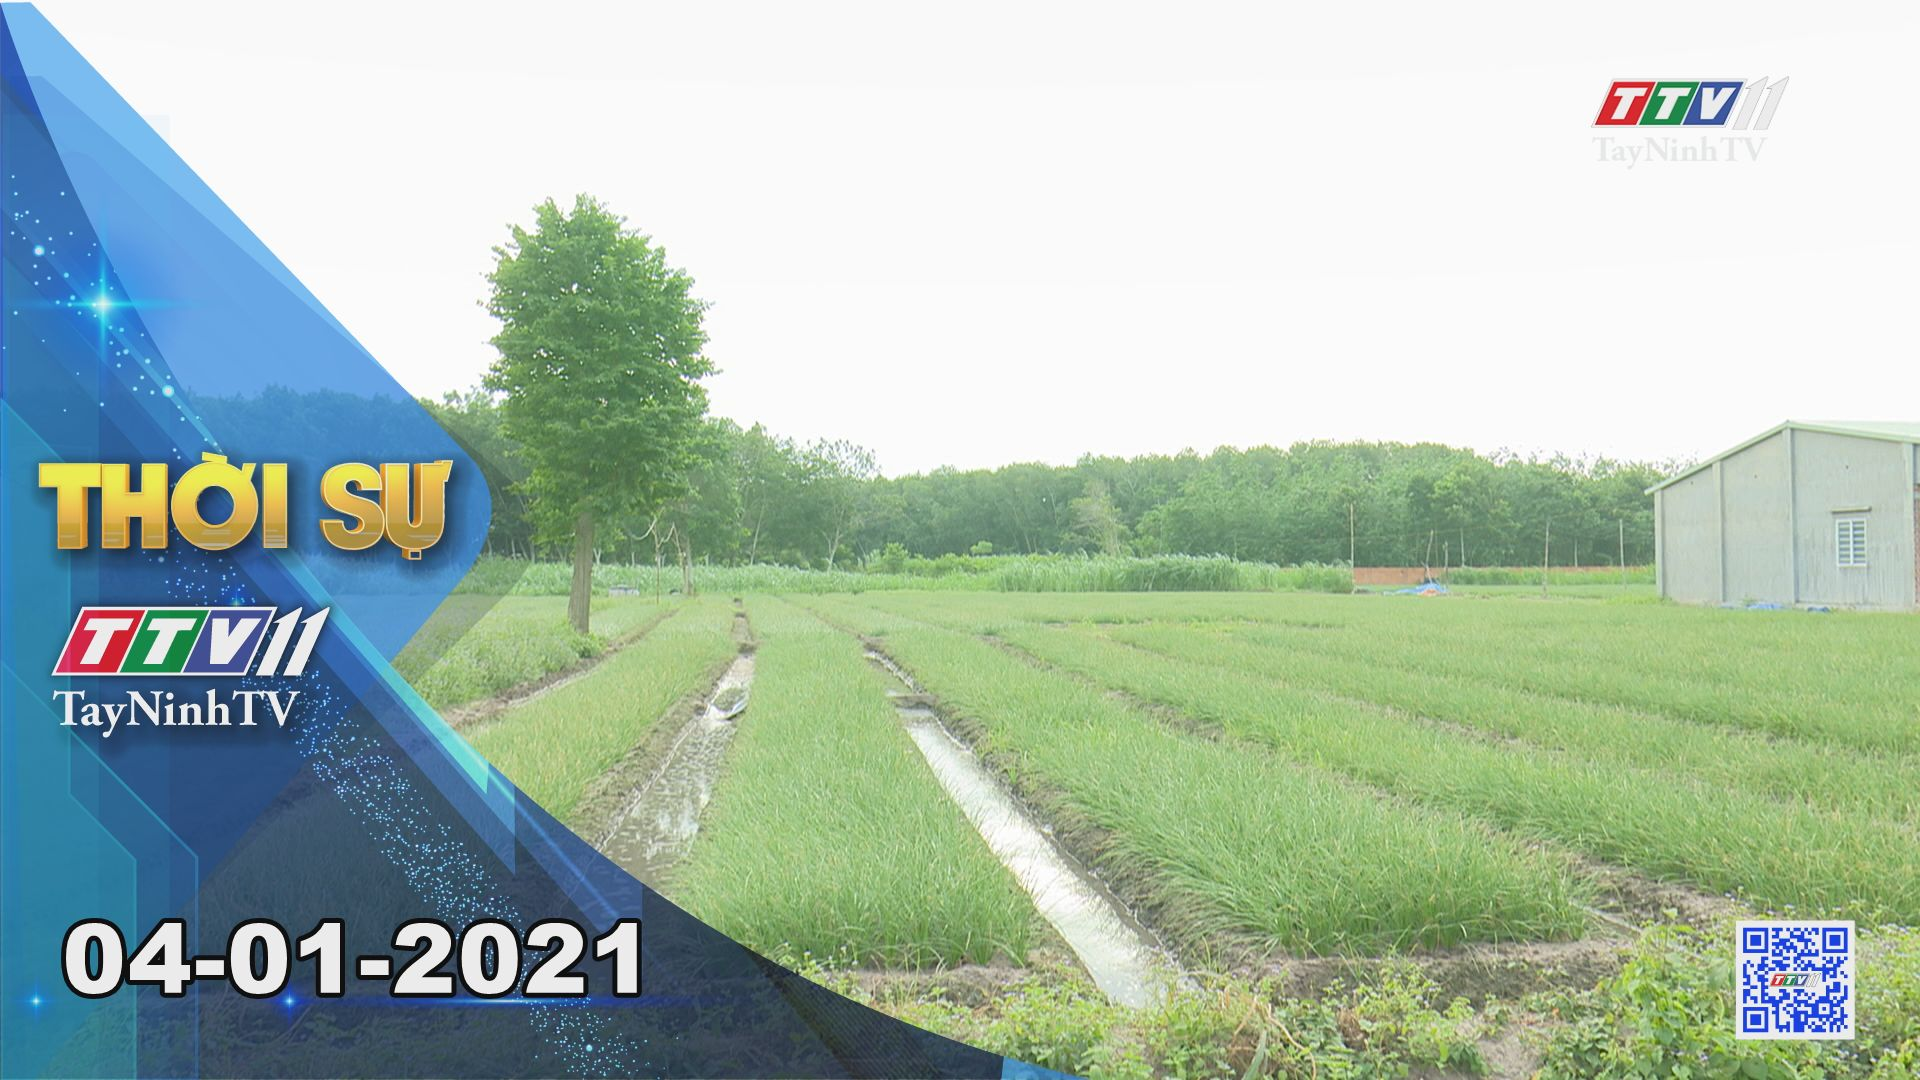 Thời sự Tây Ninh 04-01-2021 | Tin tức hôm nay | TayNinhTV